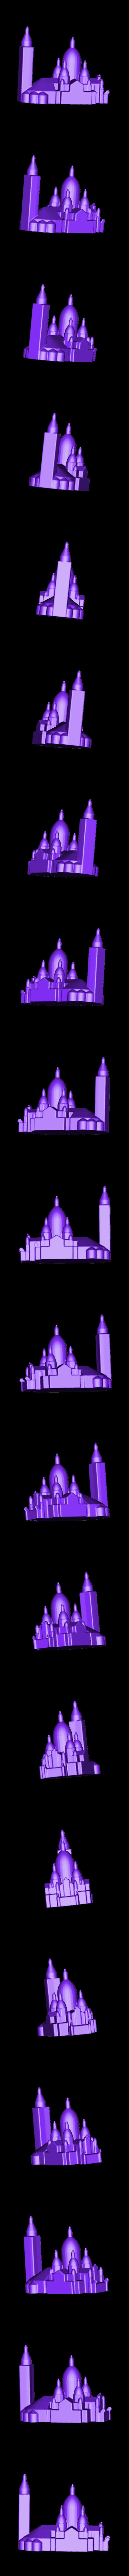 sacre_coeur.stl Télécharger fichier STL gratuit Bâtiments célèbres de paris • Design pour imprimante 3D, leFabShop